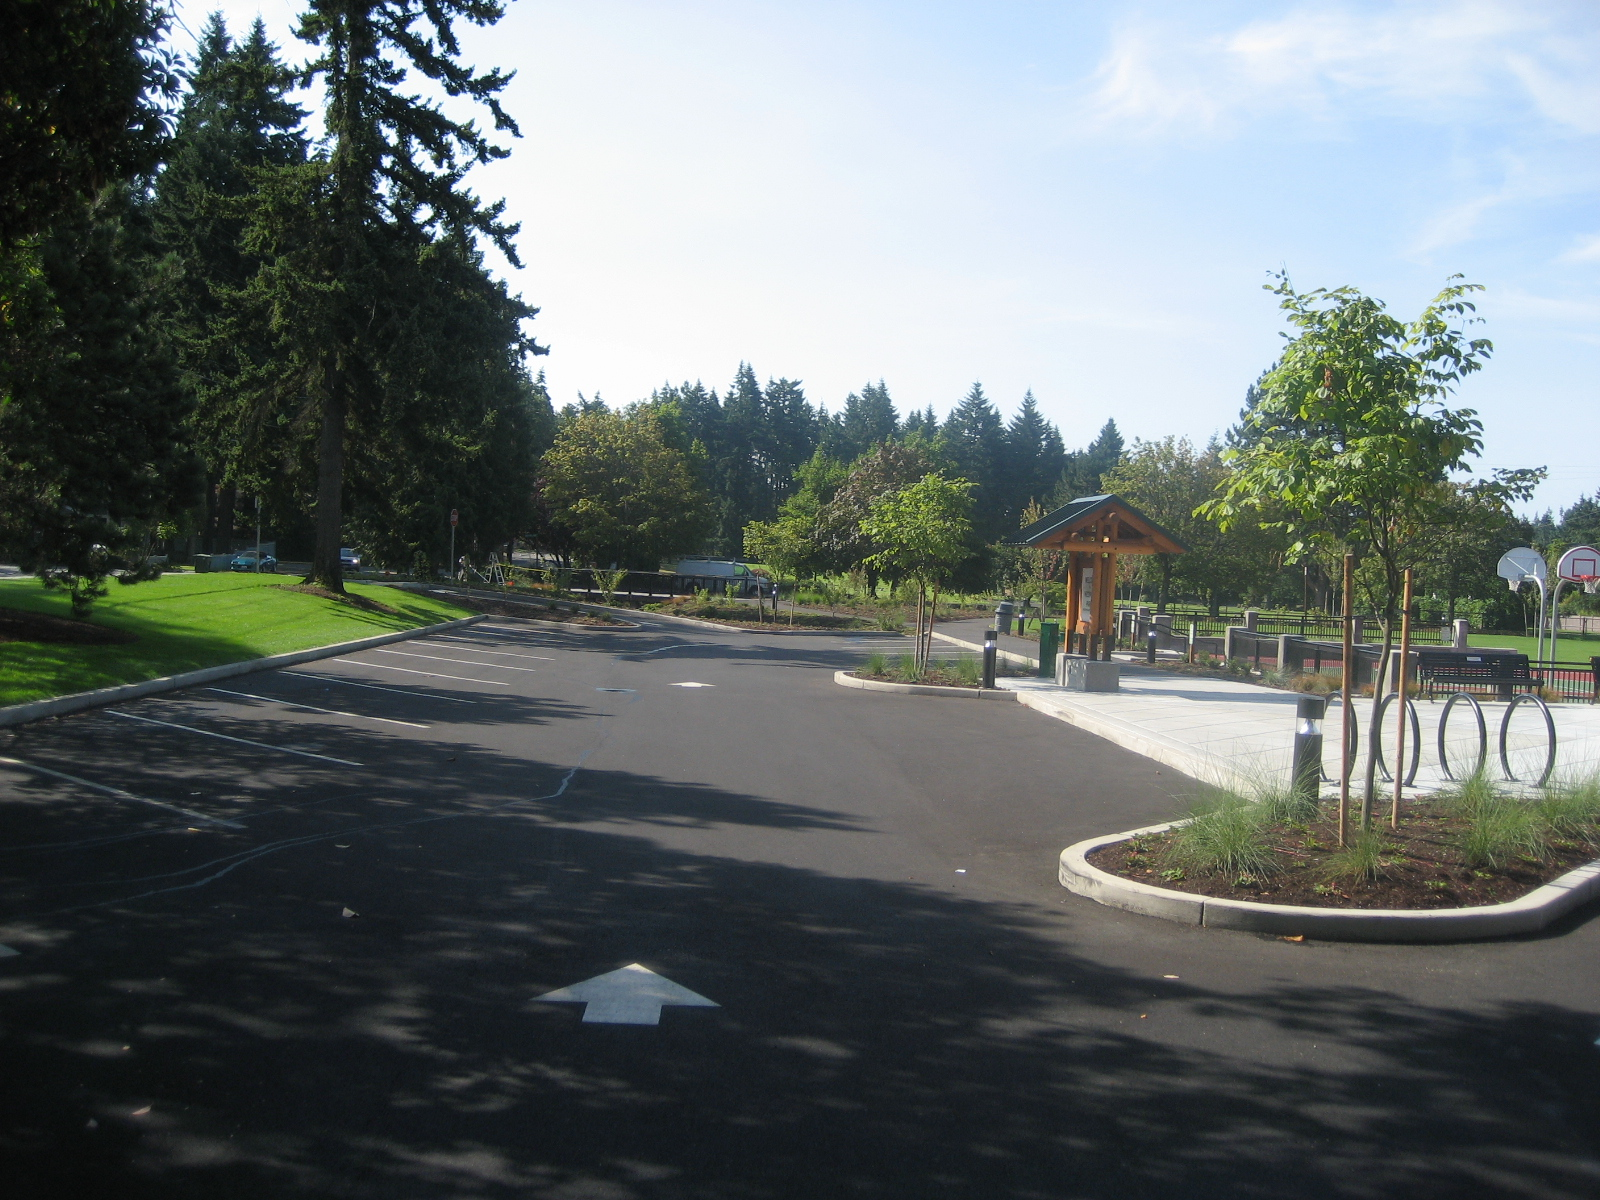 Park Parking Lot